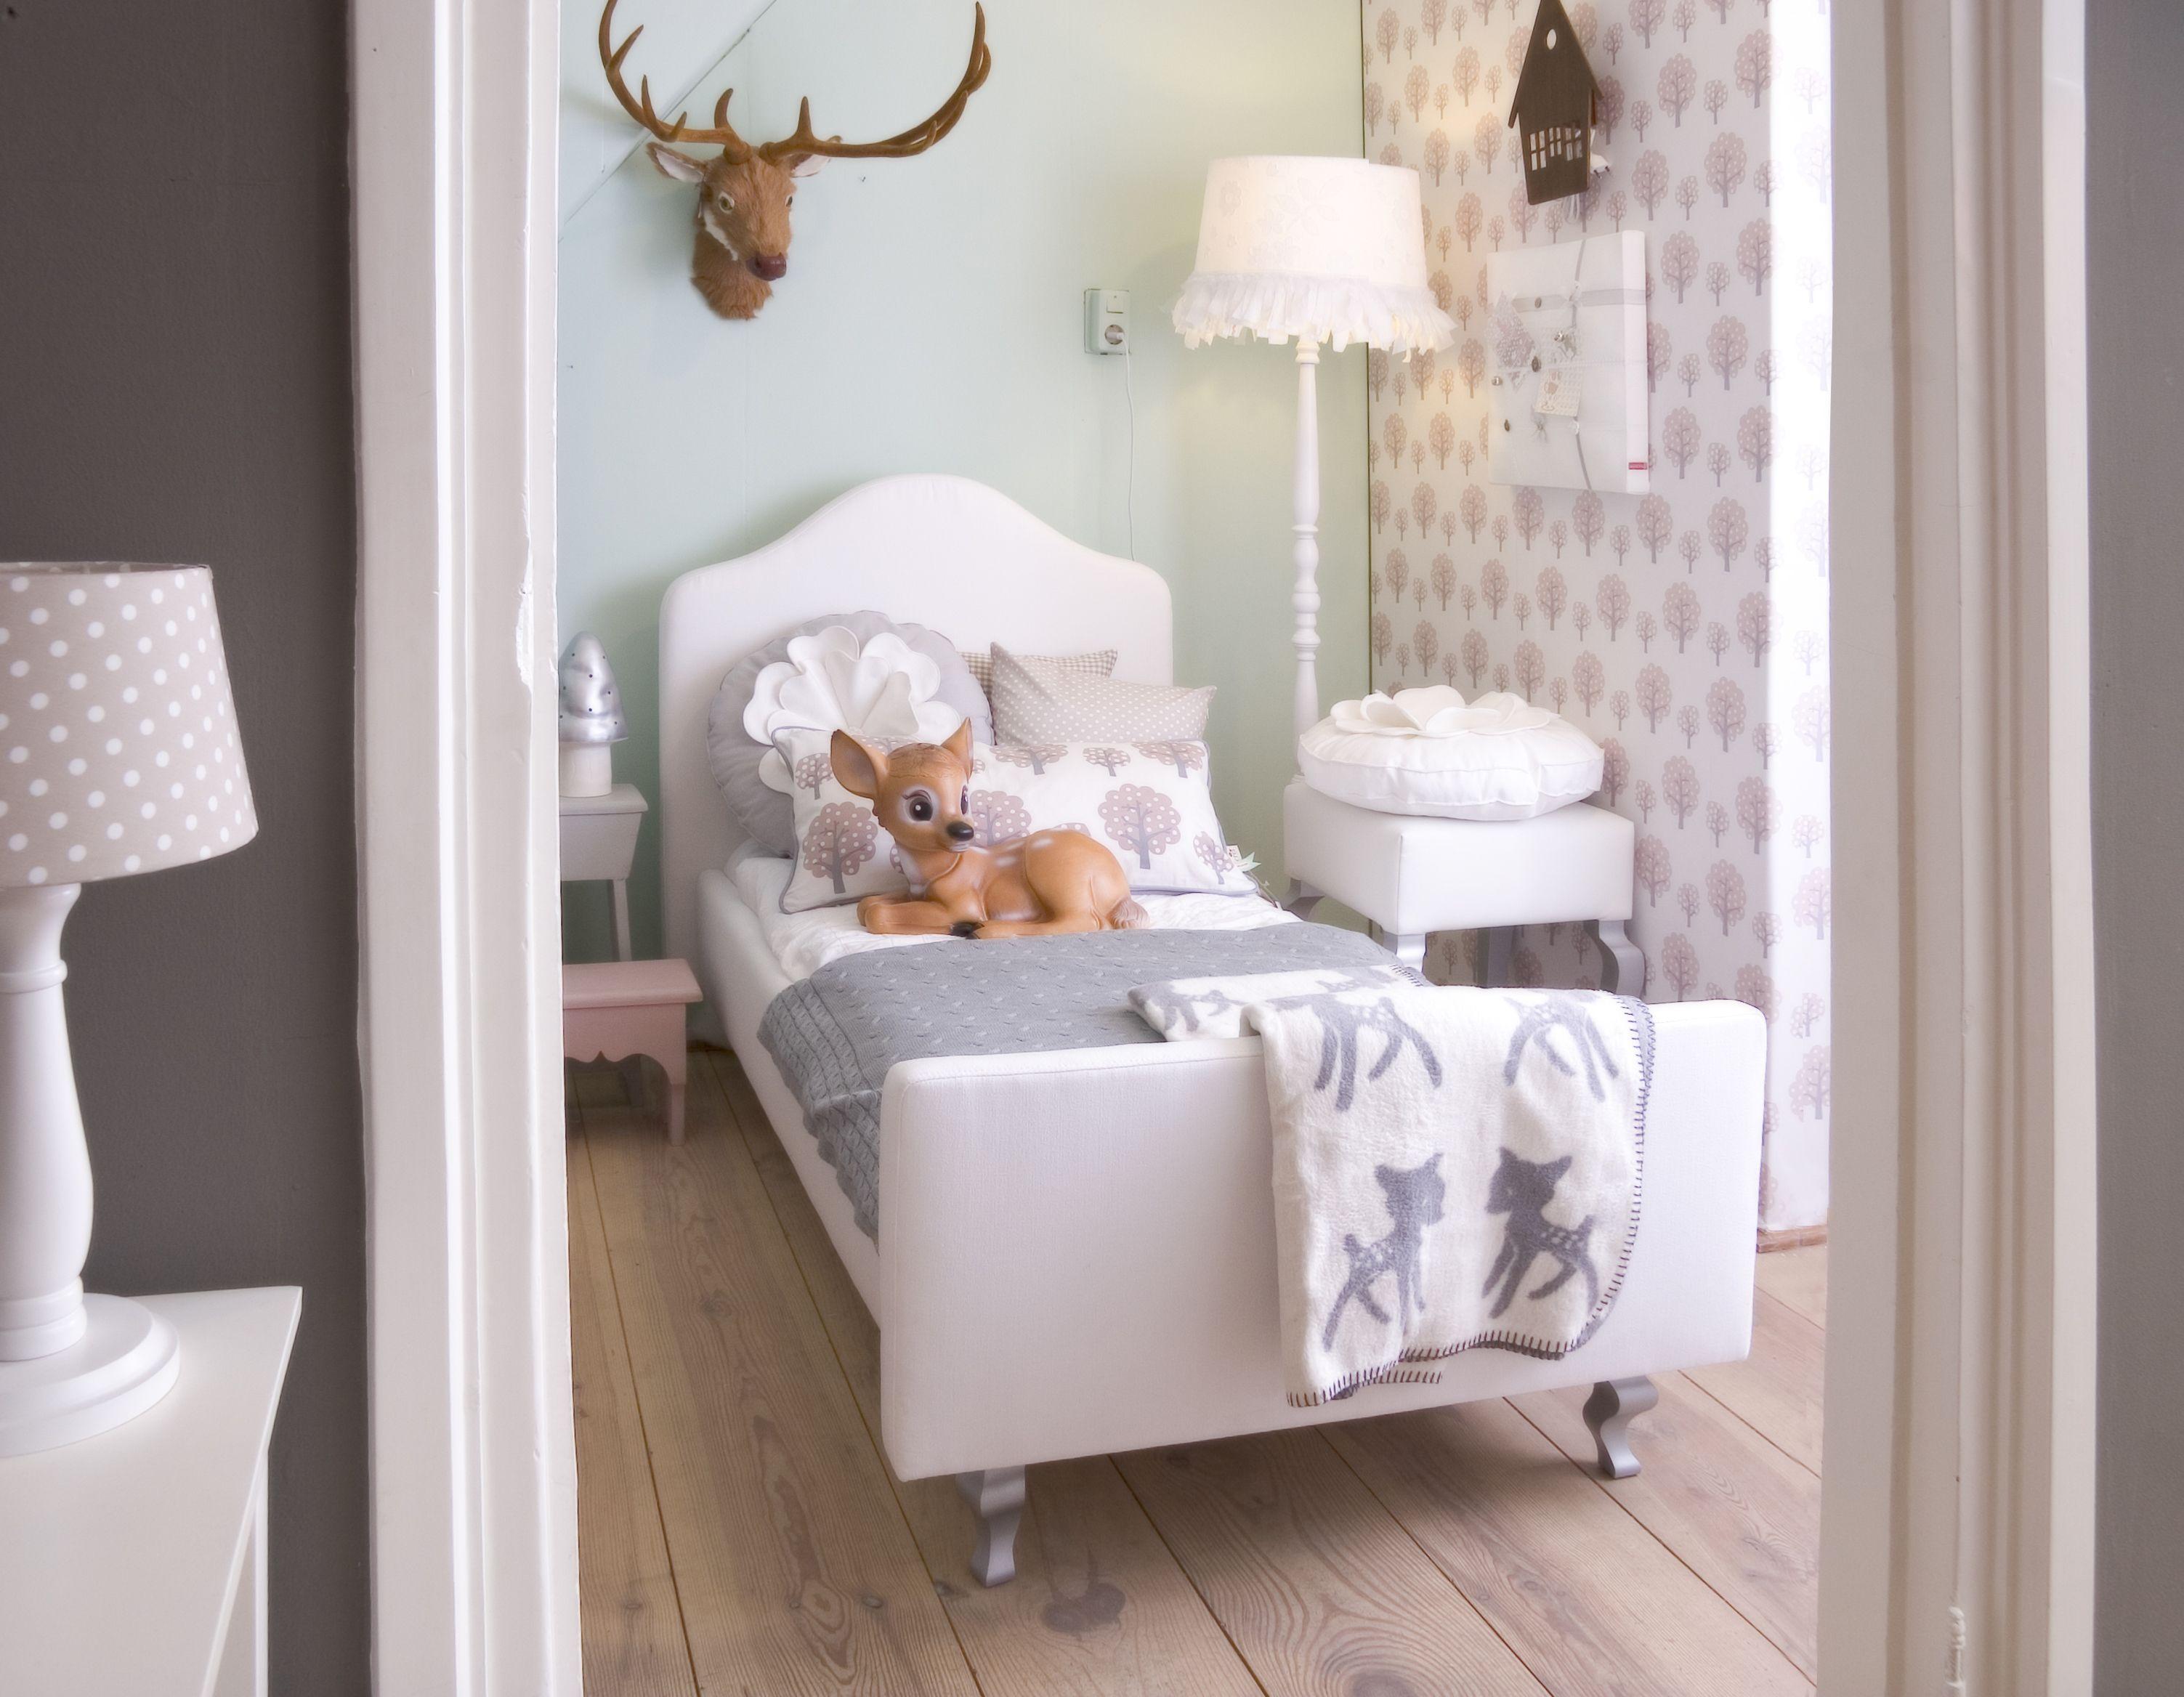 Kinderkamer Met Pastelkleuren : In de kinderkamer lolly pop staan pastelkleuren centraal zoals